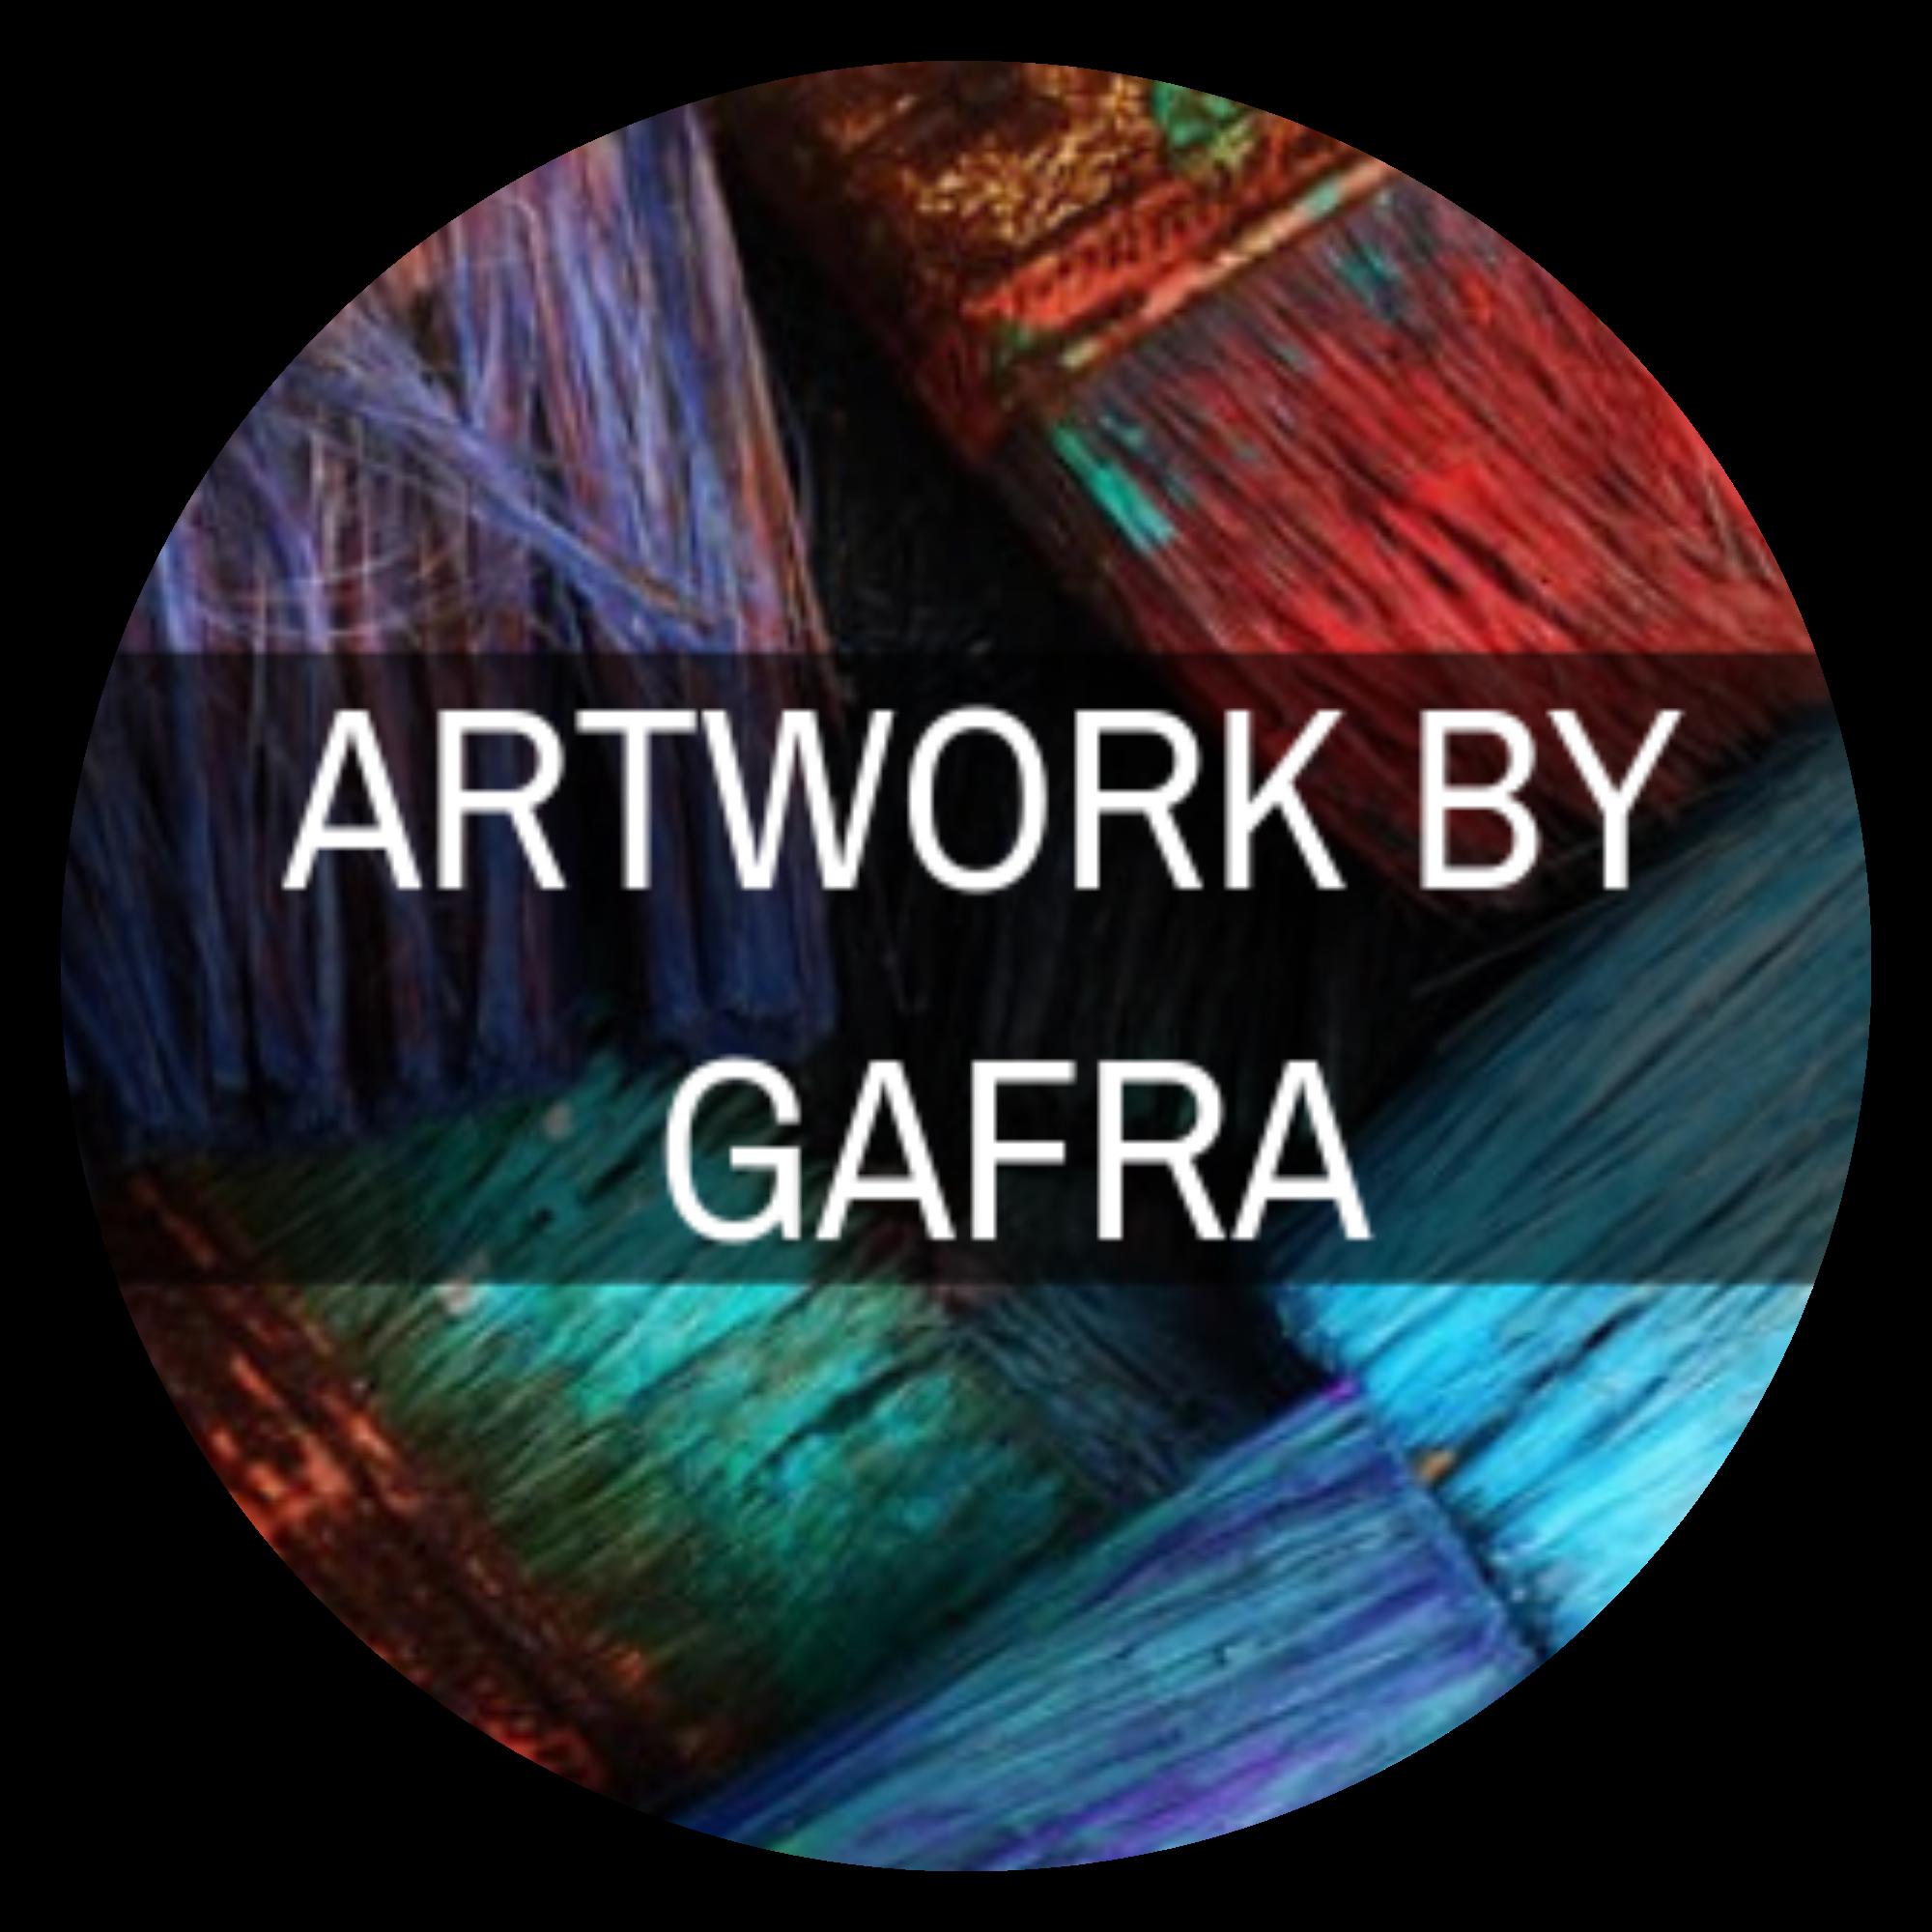 Artwork by Gafra